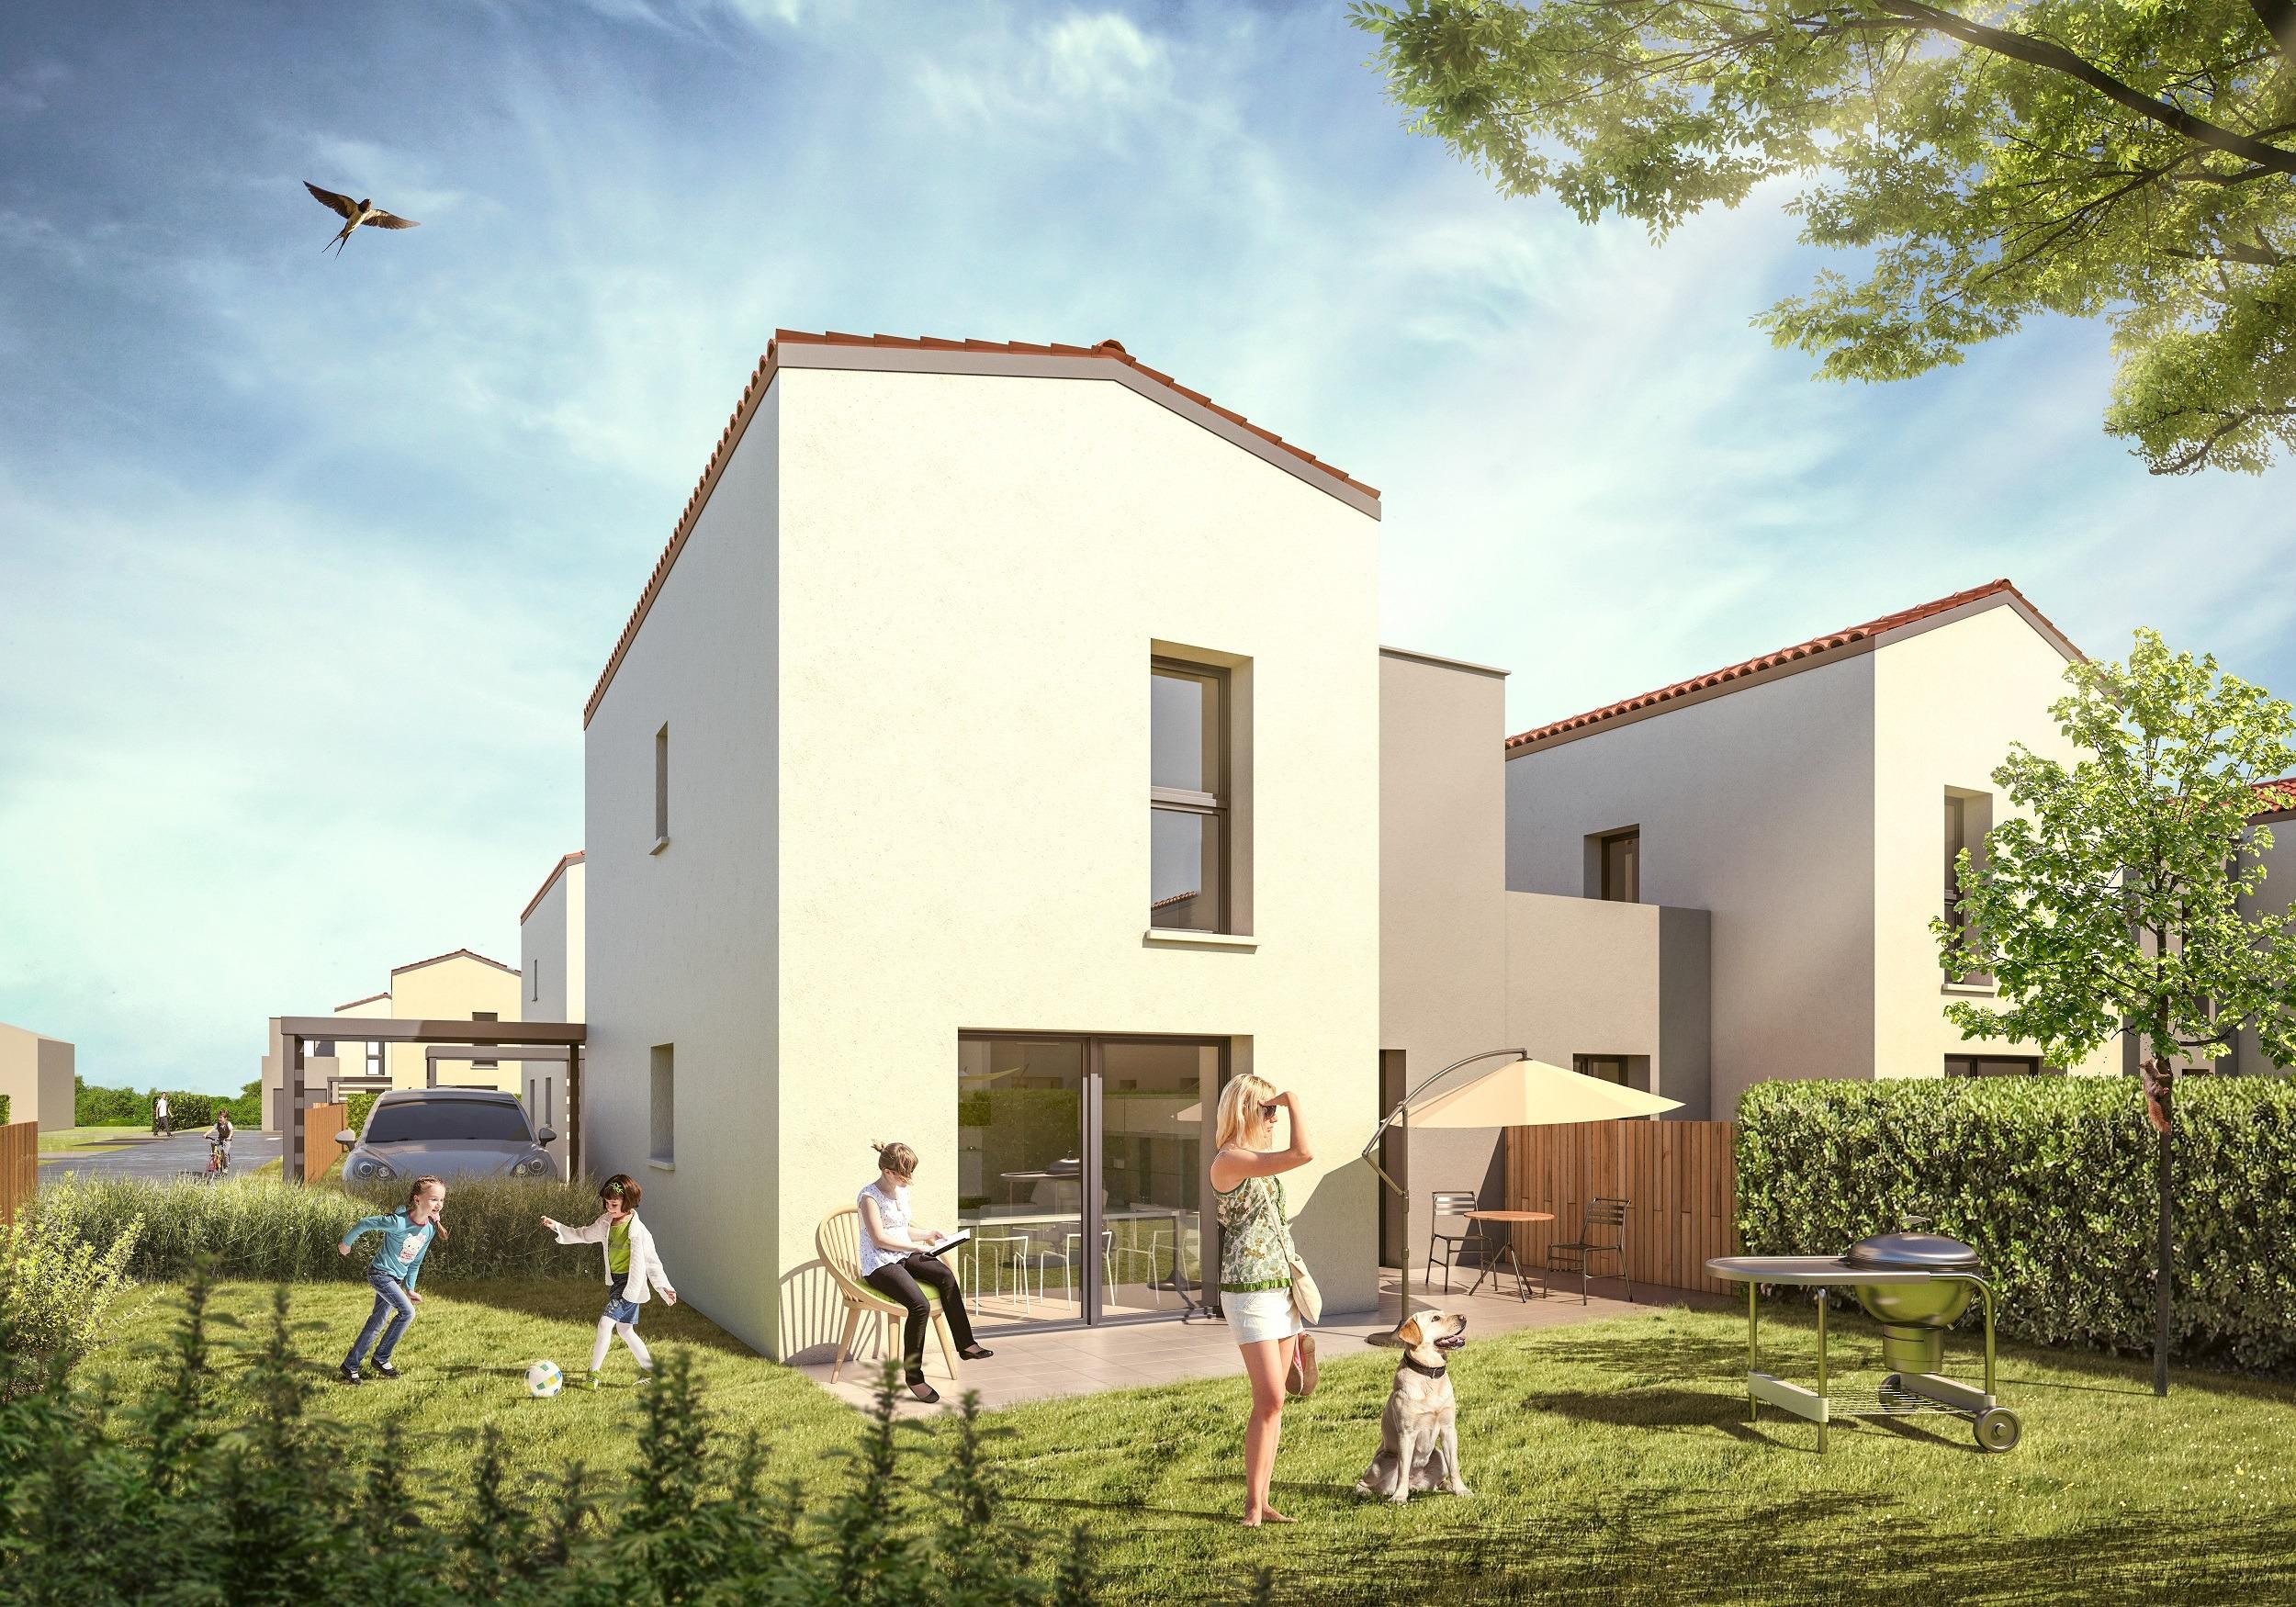 Maisons + Terrains du constructeur MAISON AXIAL • 97 m² • DOMMARTIN